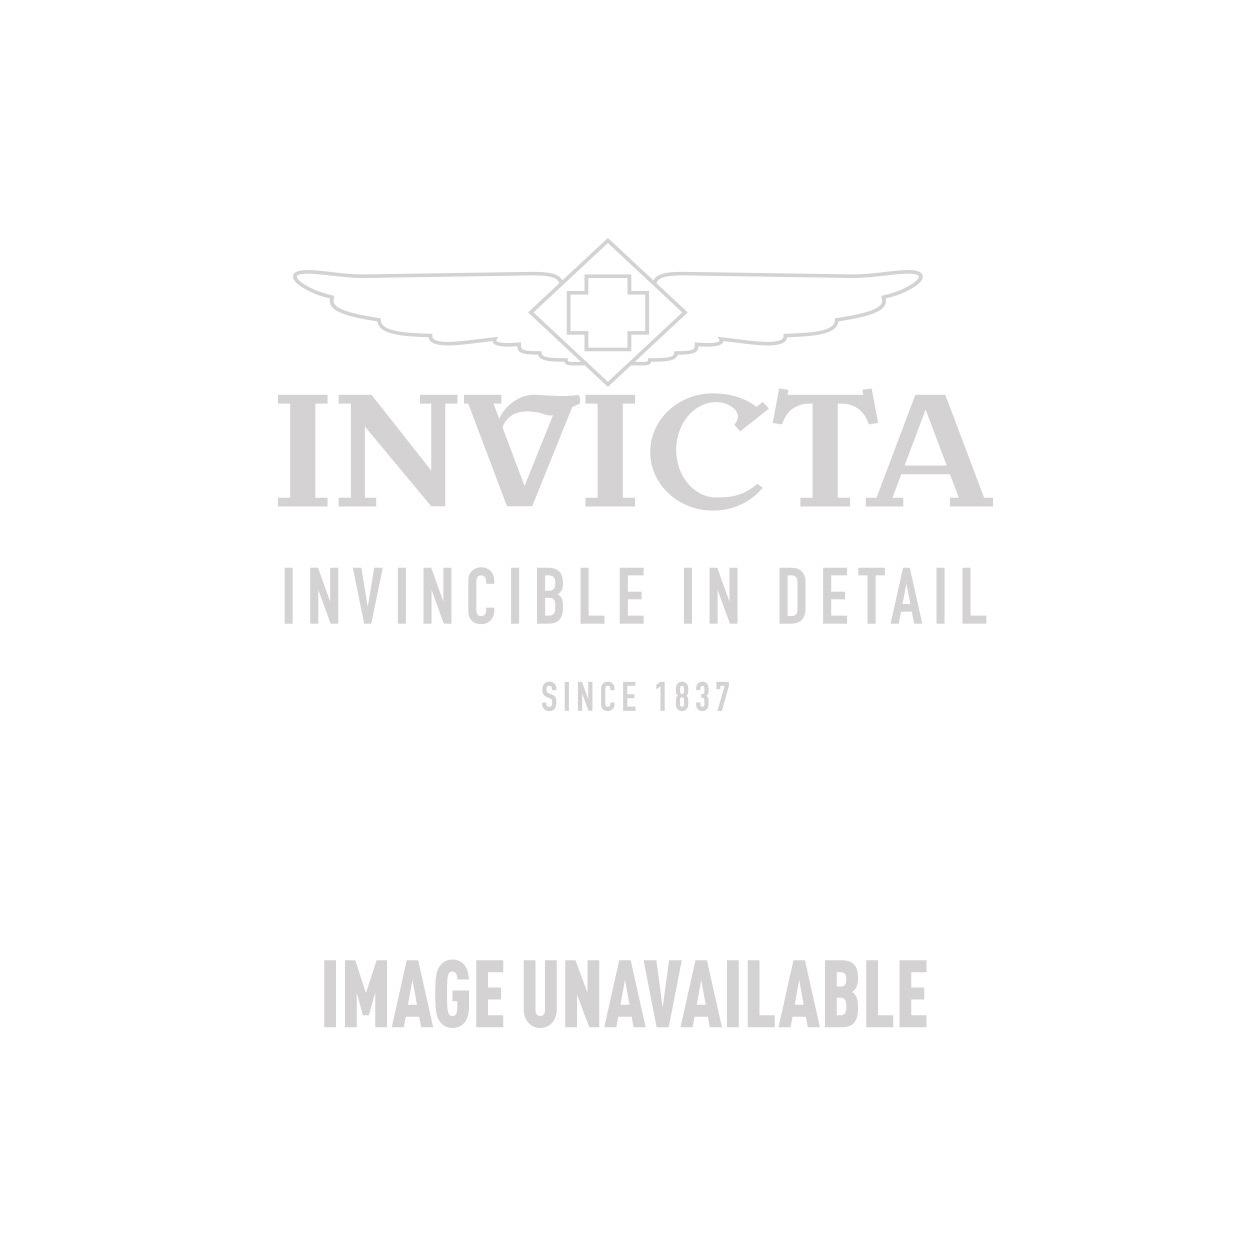 Invicta Model 24319